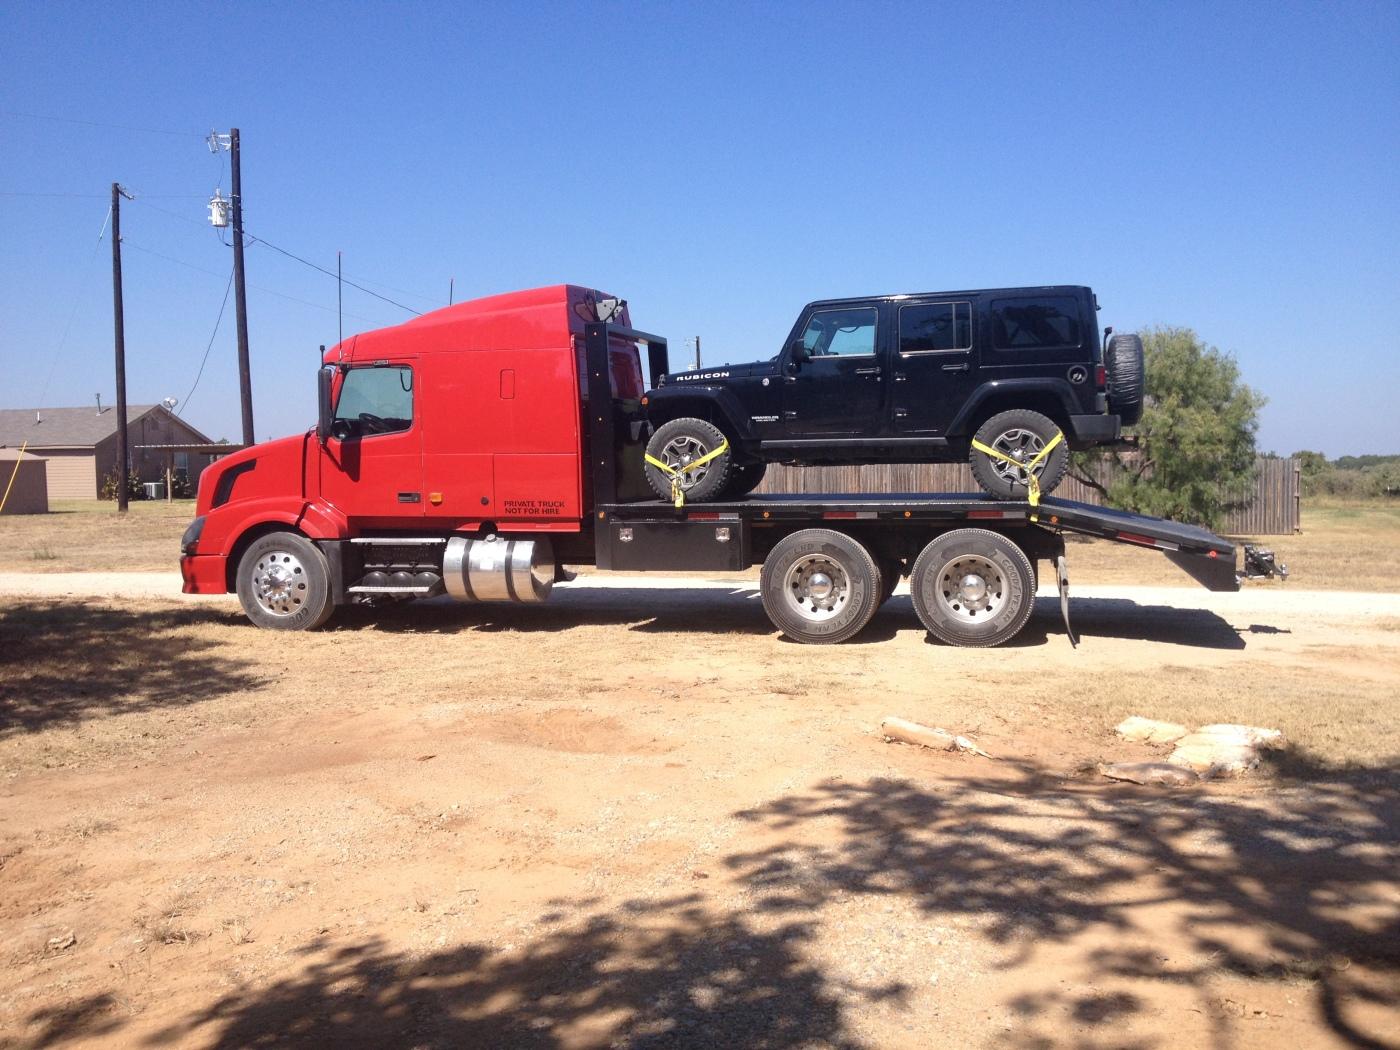 Texas RV & Toy Hauler Conversions – Texas Dually by Texas RV